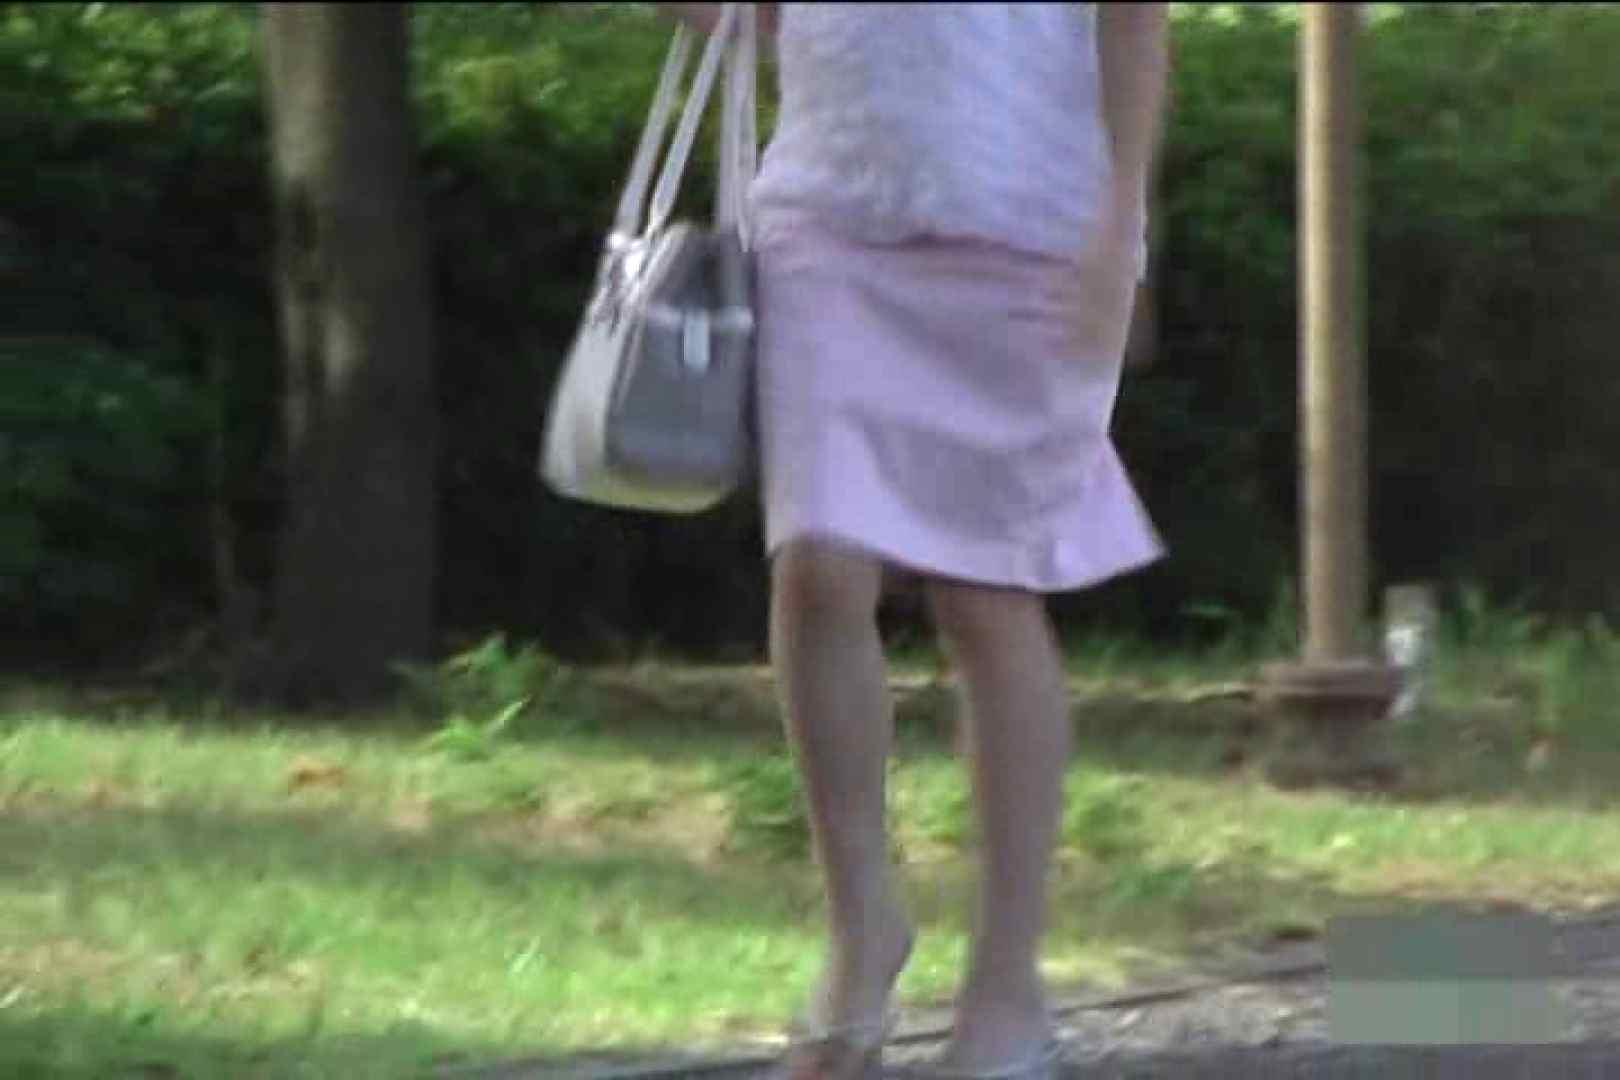 検証!隠し撮りスカートめくり!!Vol.8 ミニスカート | OLセックス  108画像 70